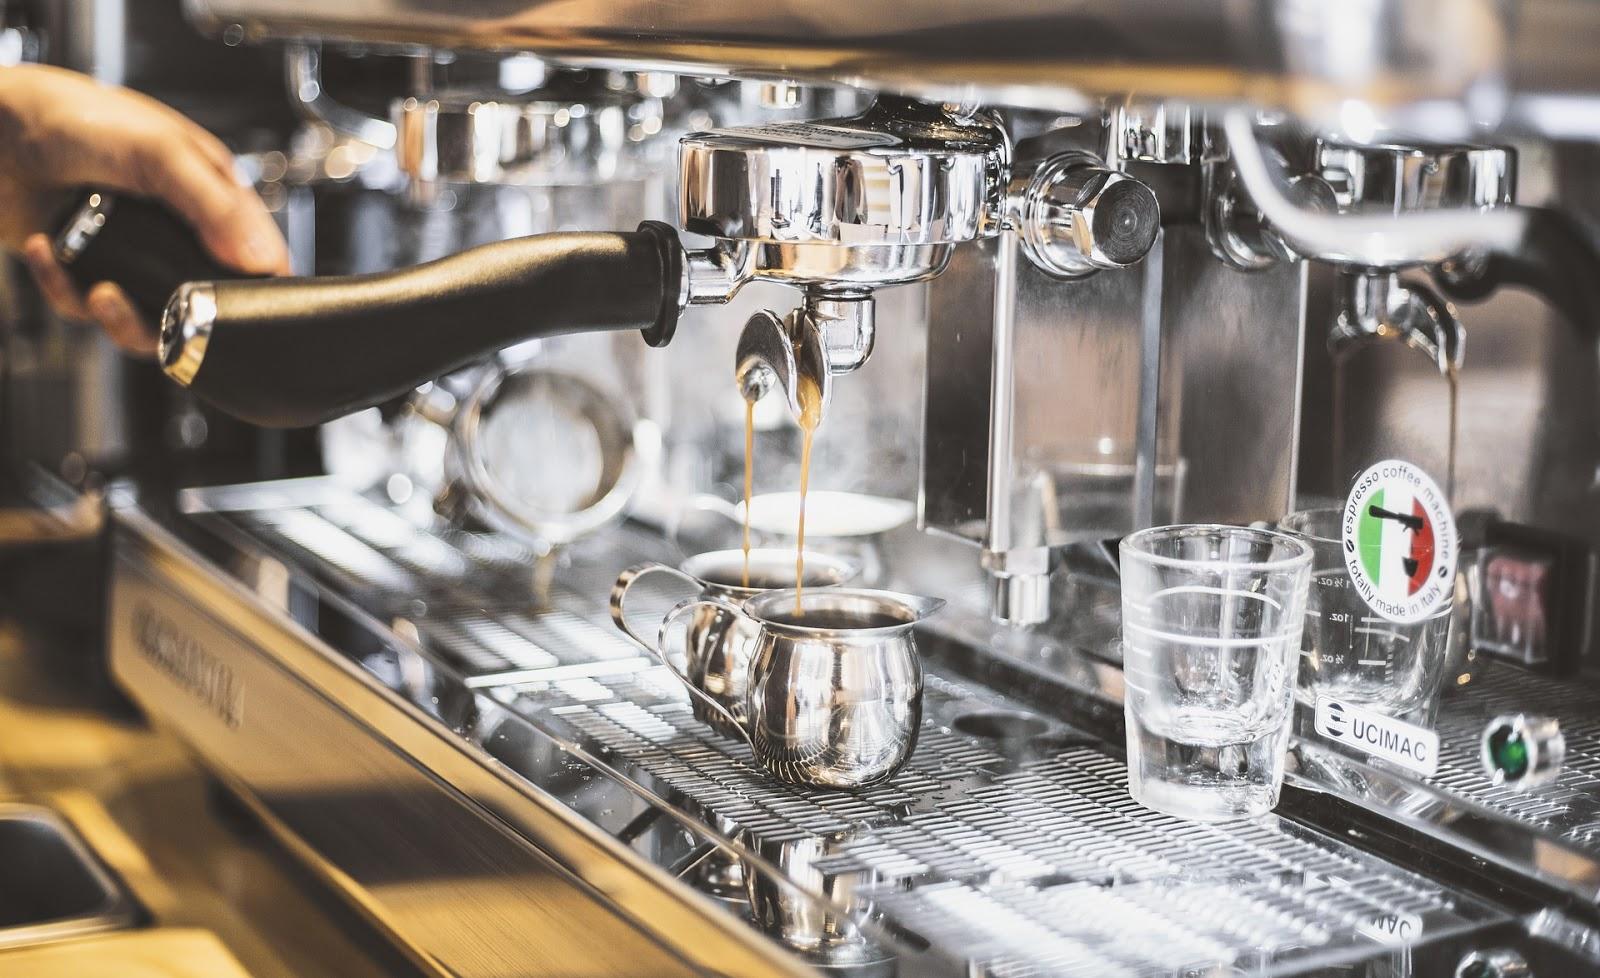 Najlepšie tipy na výrobu toho najlepšieho Cappuccina 3